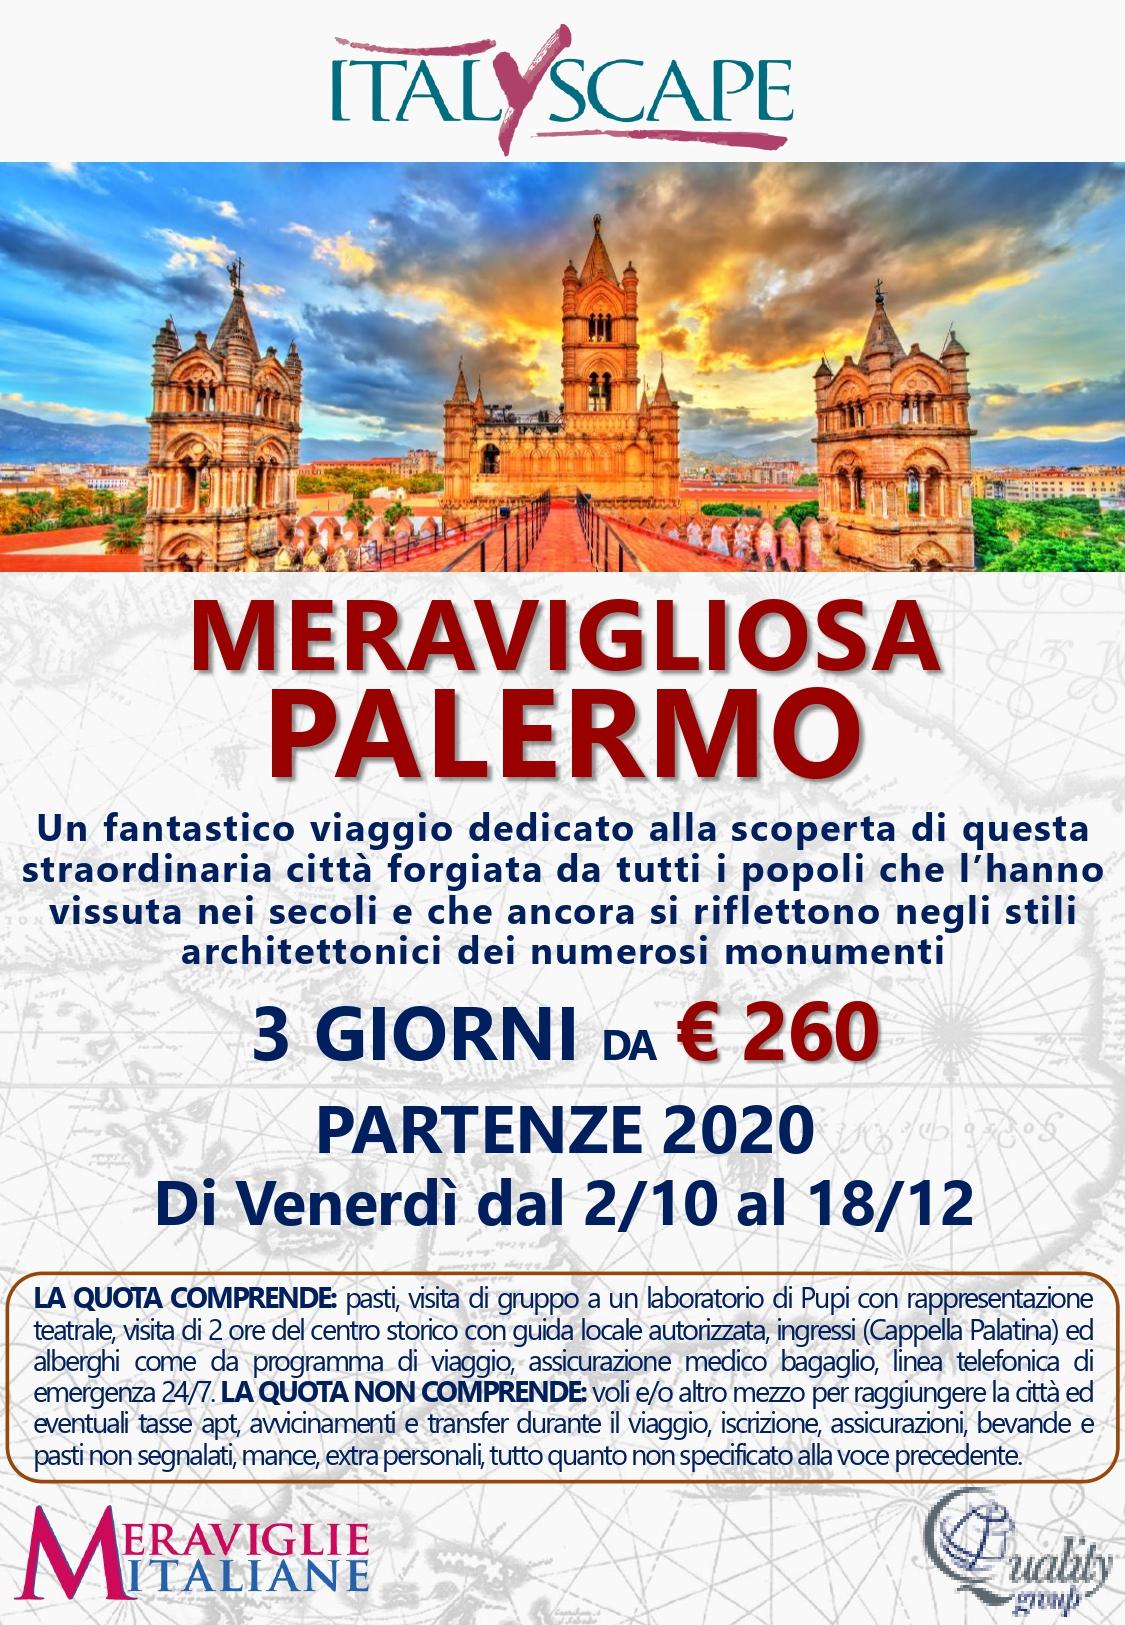 M20201219_PALERMO MERAVIGLIOSA_page-0001